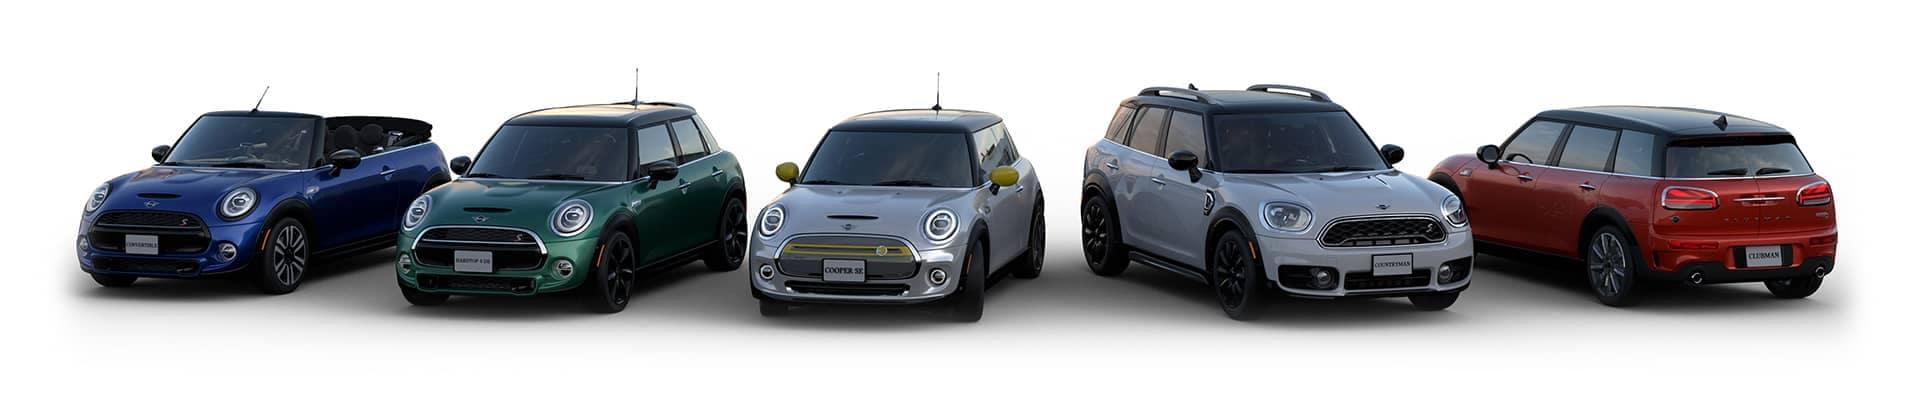 Mini model Lineup